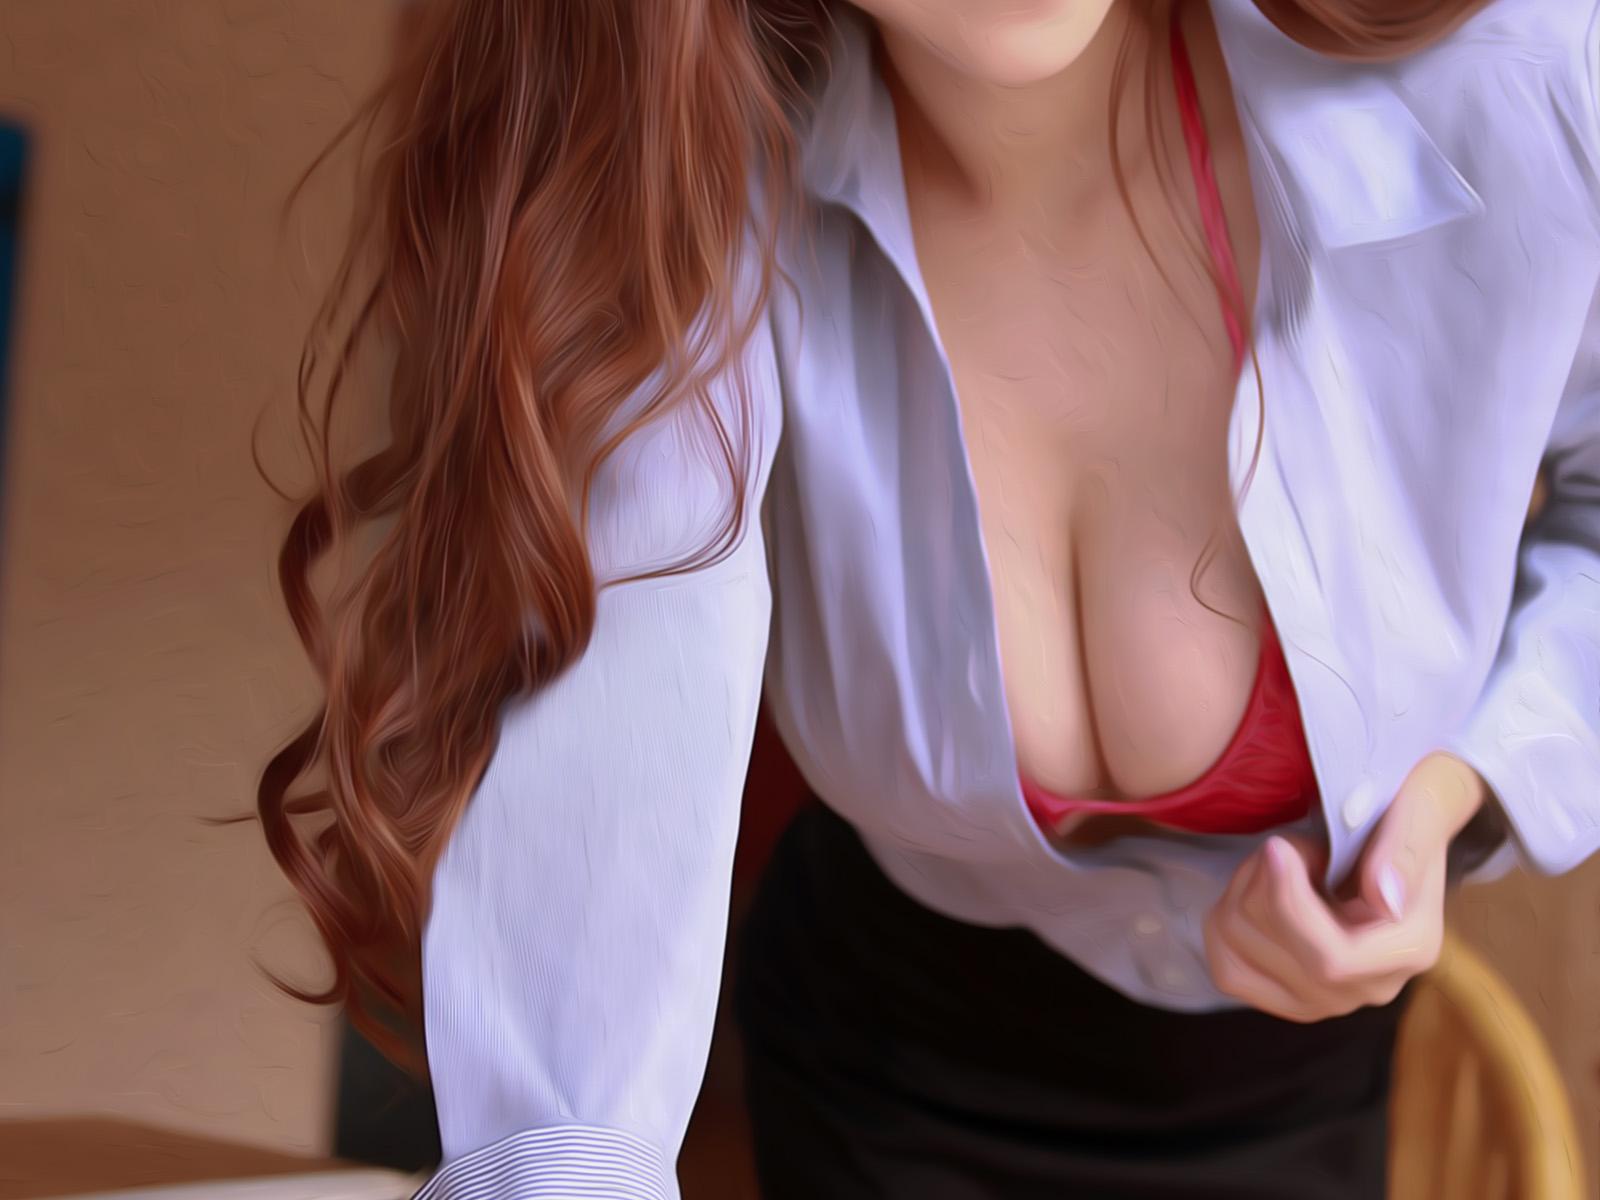 sex escort girl contact